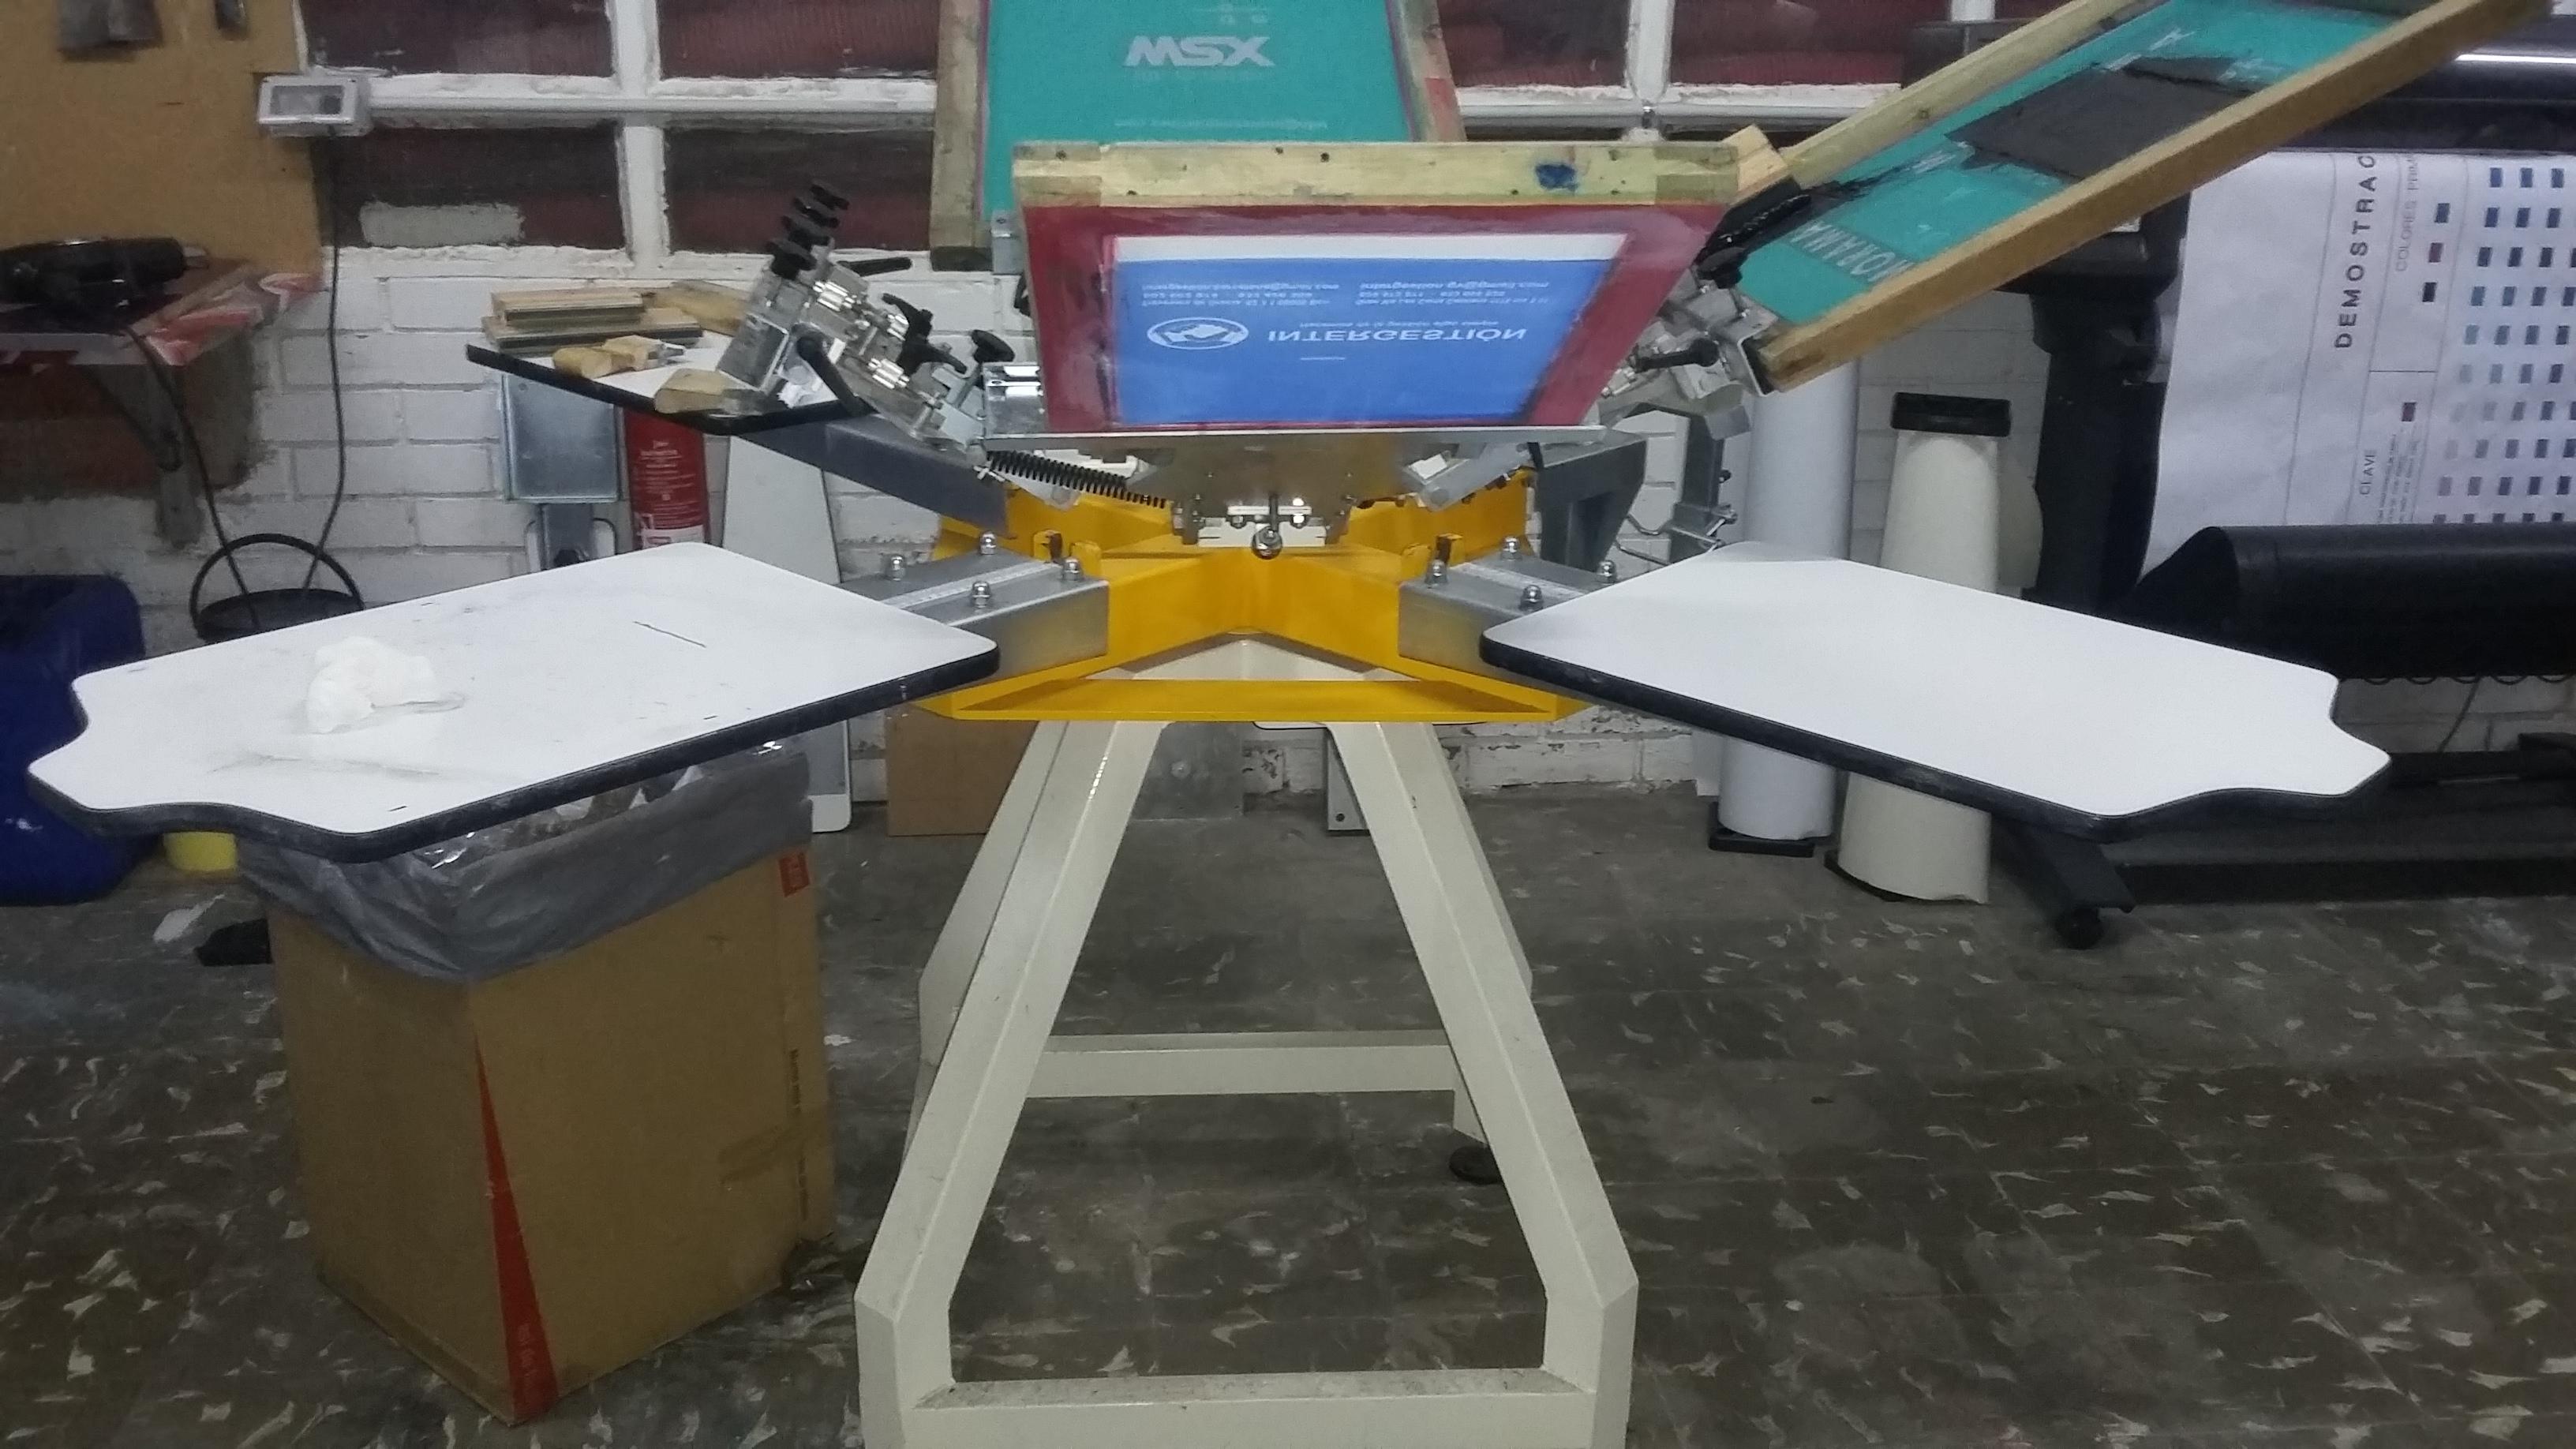 SPE PULPO SERIGRAFIA Textile press - Exapro